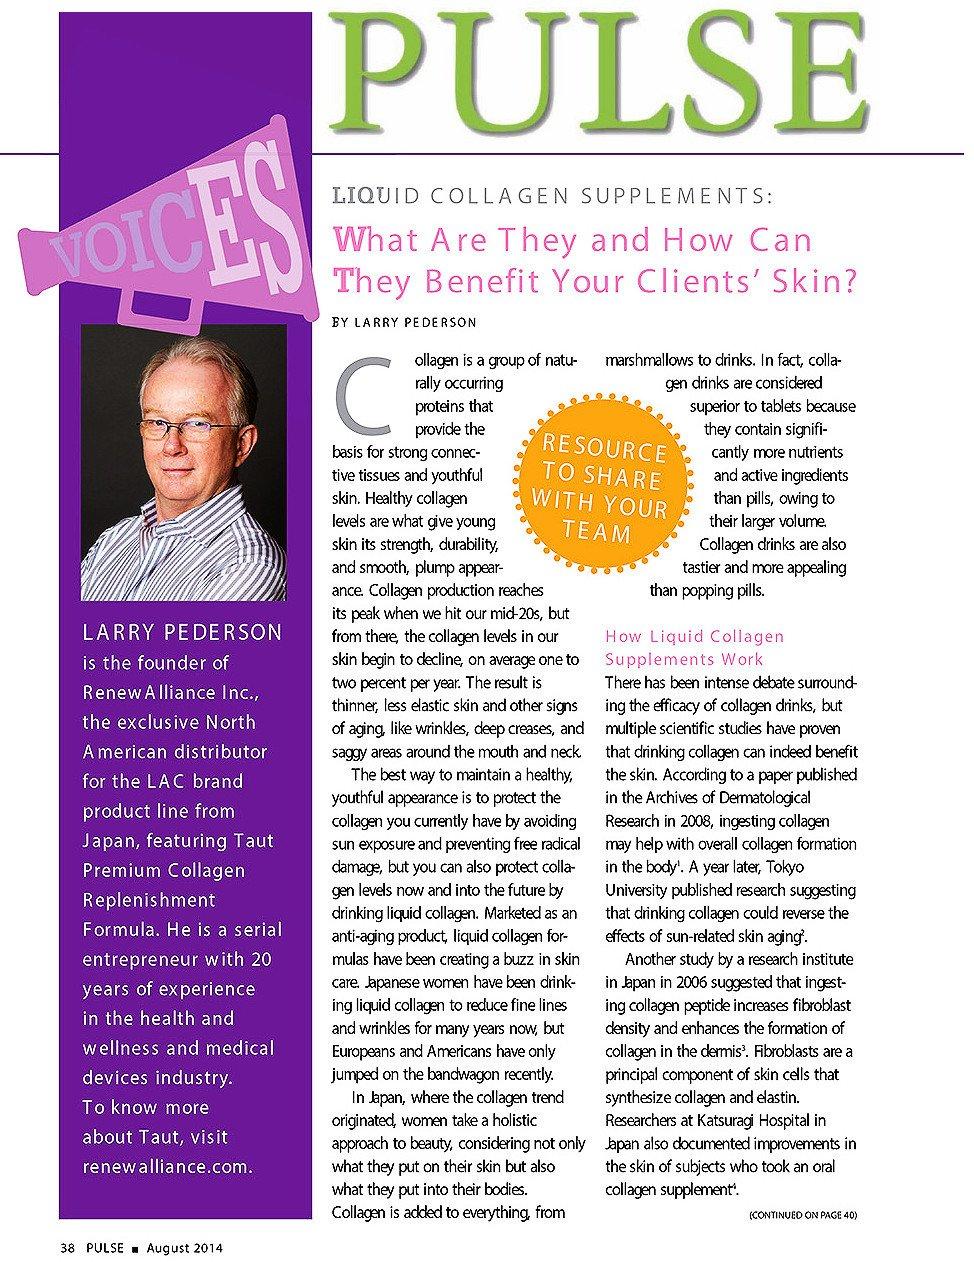 Larry Pederson, Founder of RenewAlliance, Inc., talks about liquid collagen supplements and Taut Premium Collagen Drink on Pulse Magazine | RenewAlliance